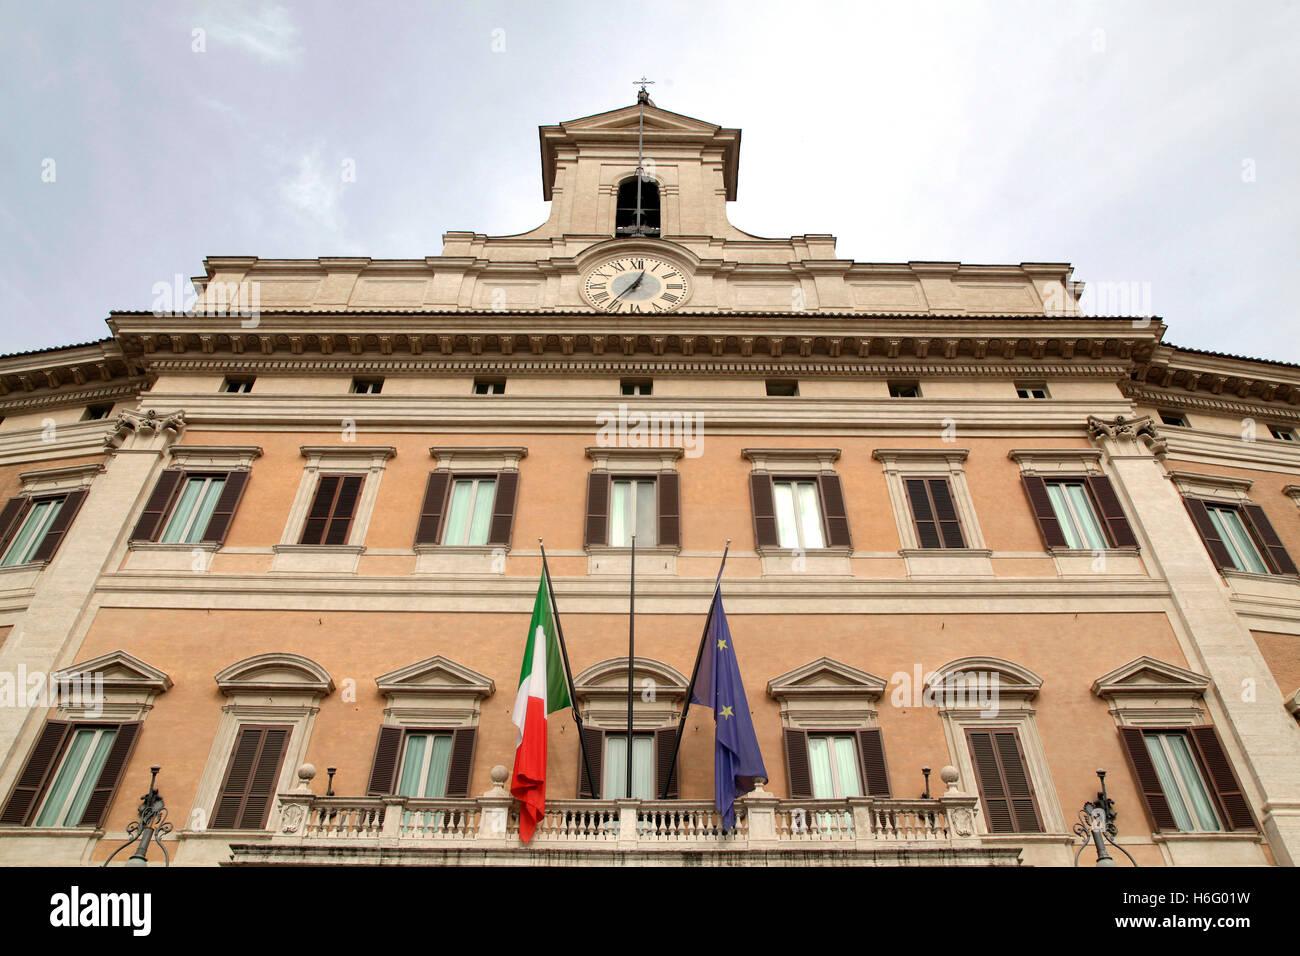 Palazzo Montecitorio di un palazzo di Roma e la sede della Camera dei  Deputati italiana Foto stock - Alamy